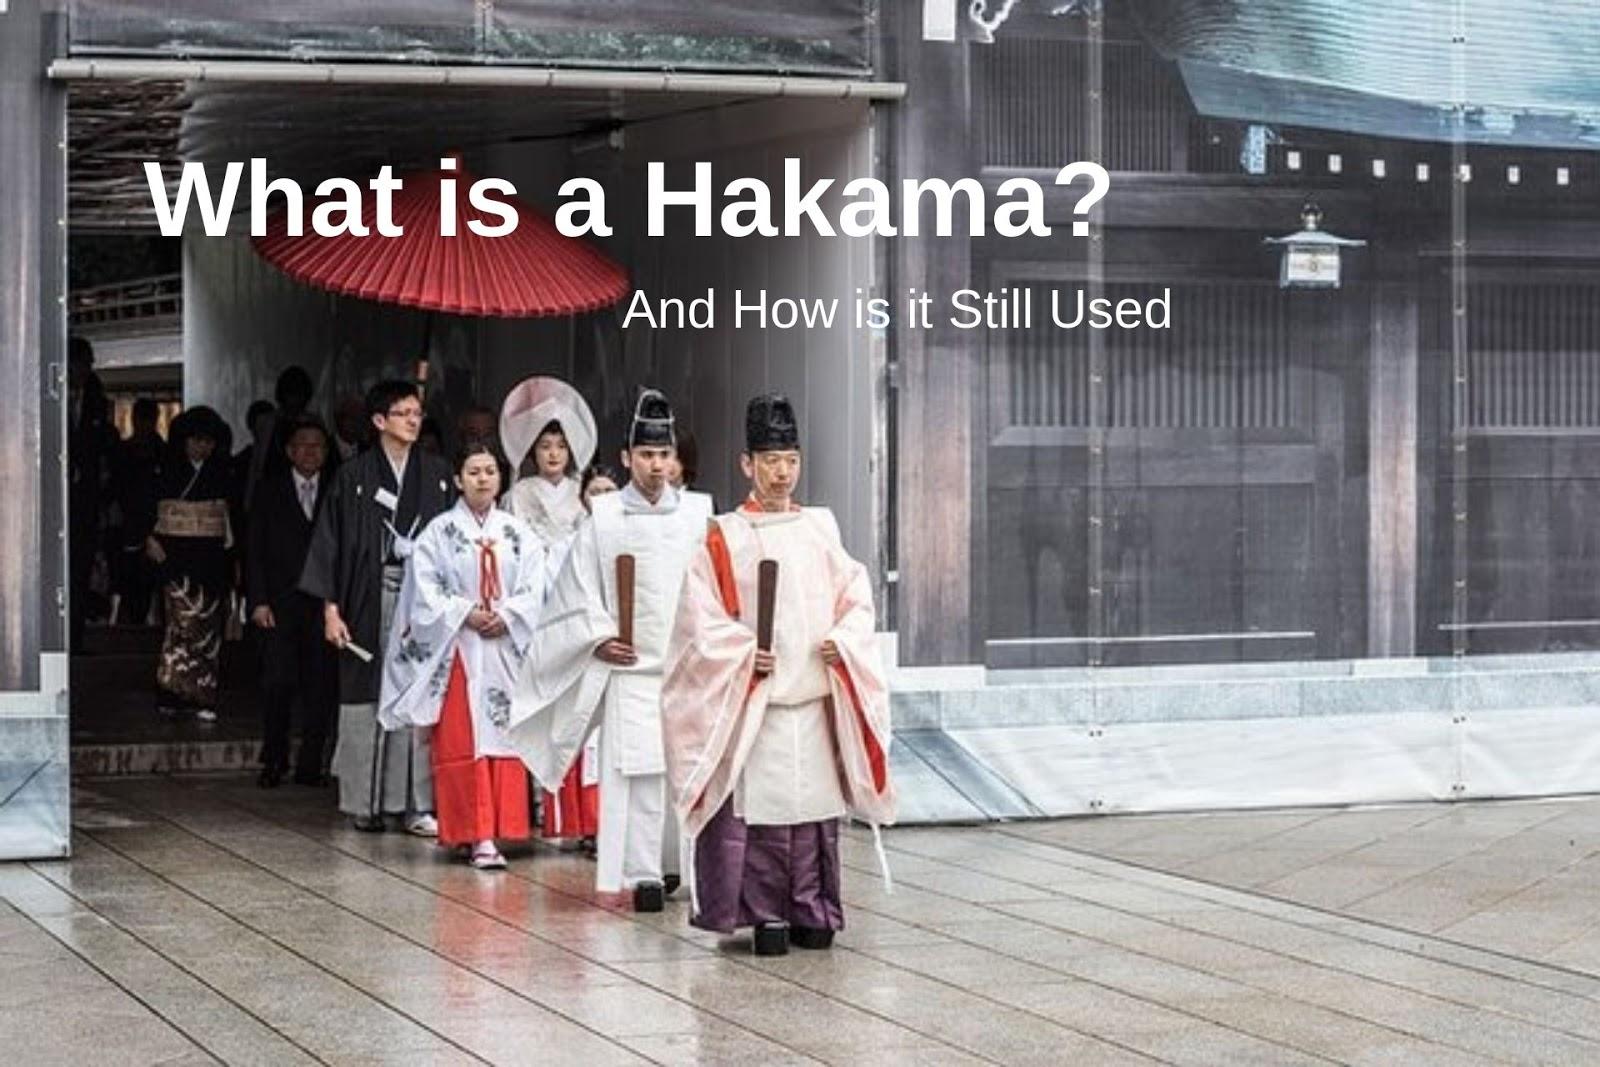 Hakamas at a Japanese wedding